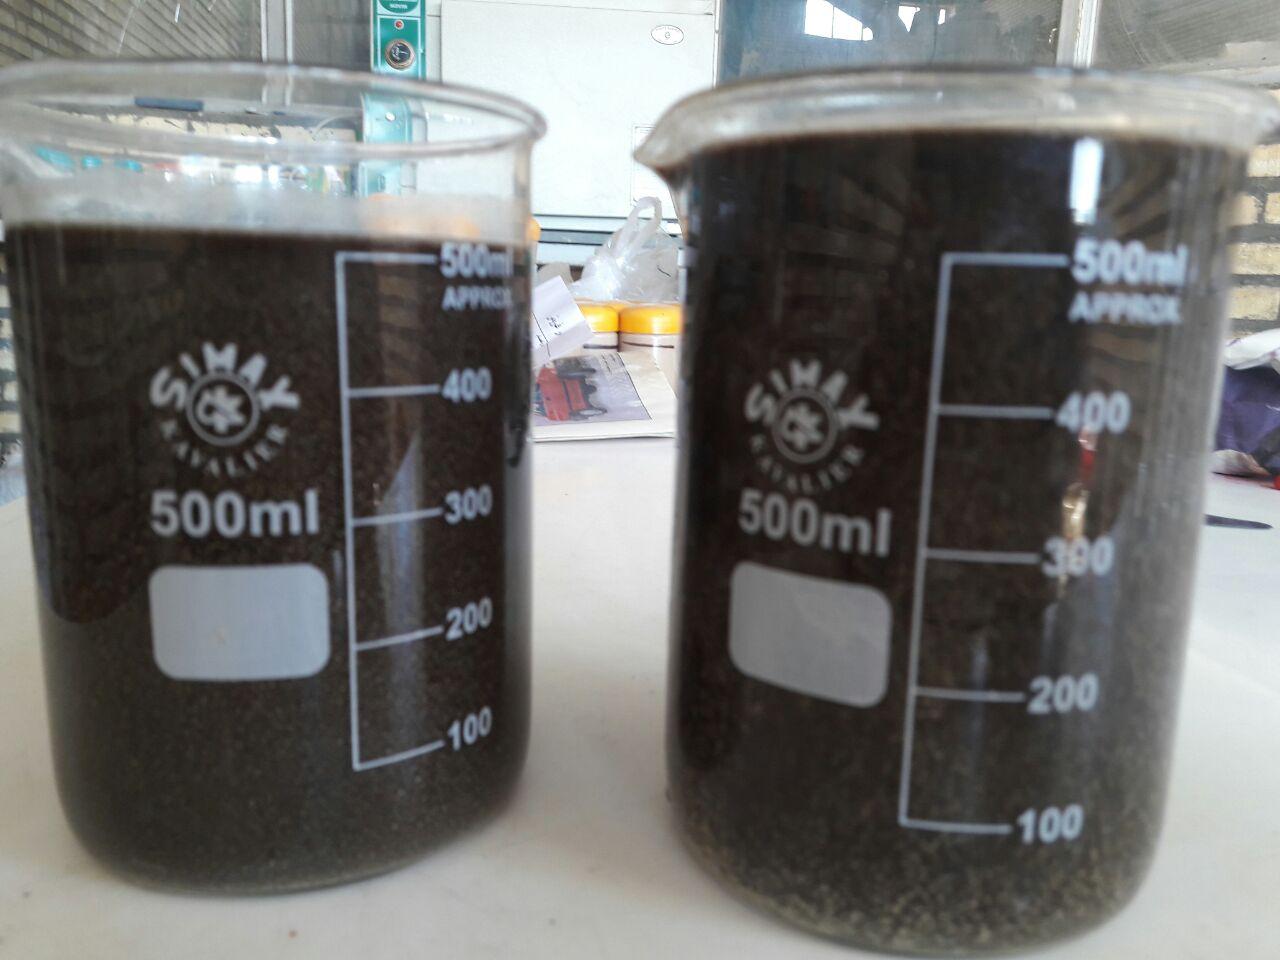 آشنایی با دو محلول امیک و شیلد - آلی و معدنی (ارگانیک)   Omic & Shield emulsion